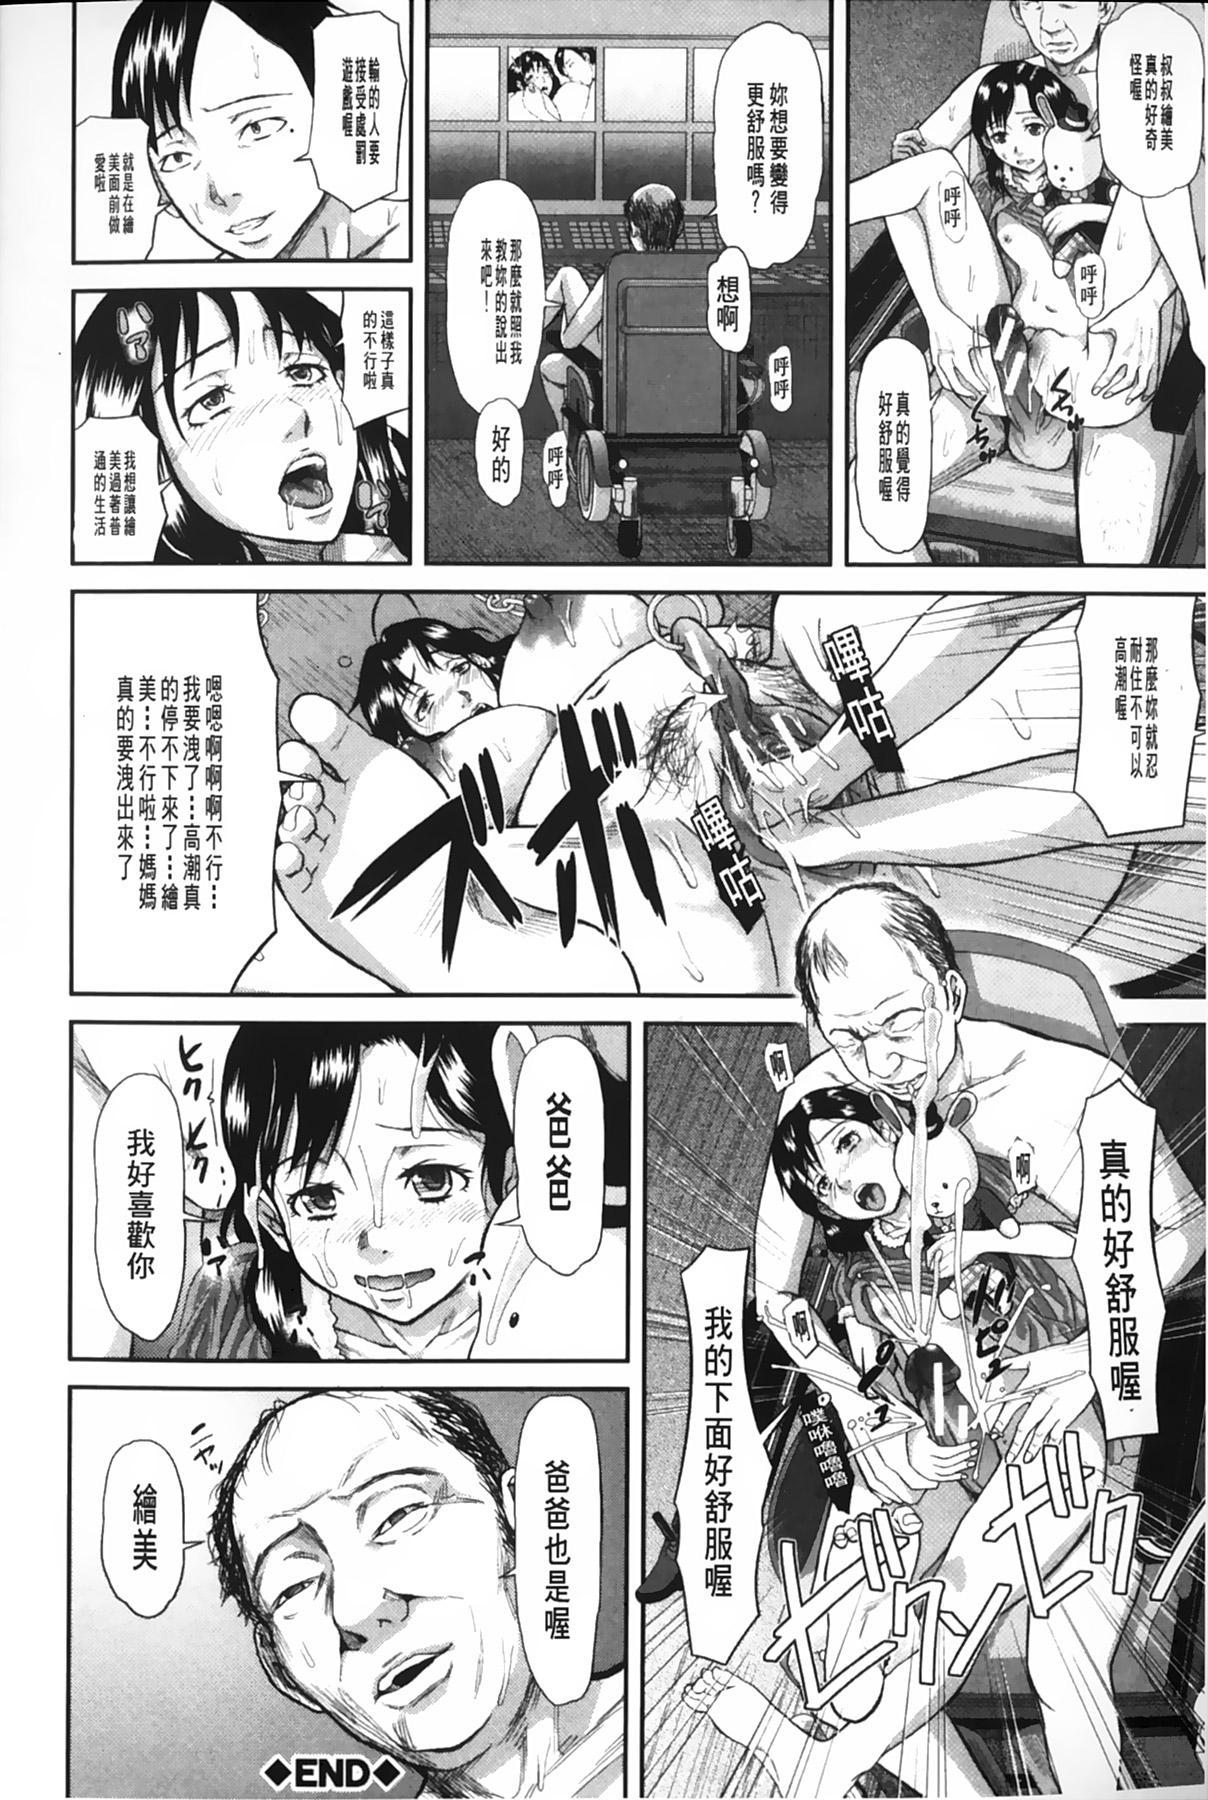 [Honebuto Danshaku] Onna Jigoku Niku no Tsubo~Hentai Rui Inran Ka Mesu Buta Ichidaiki~ | 女地獄、肉之壺 ~変態類淫乱科淫母豬一代記~ [Chinese] 108